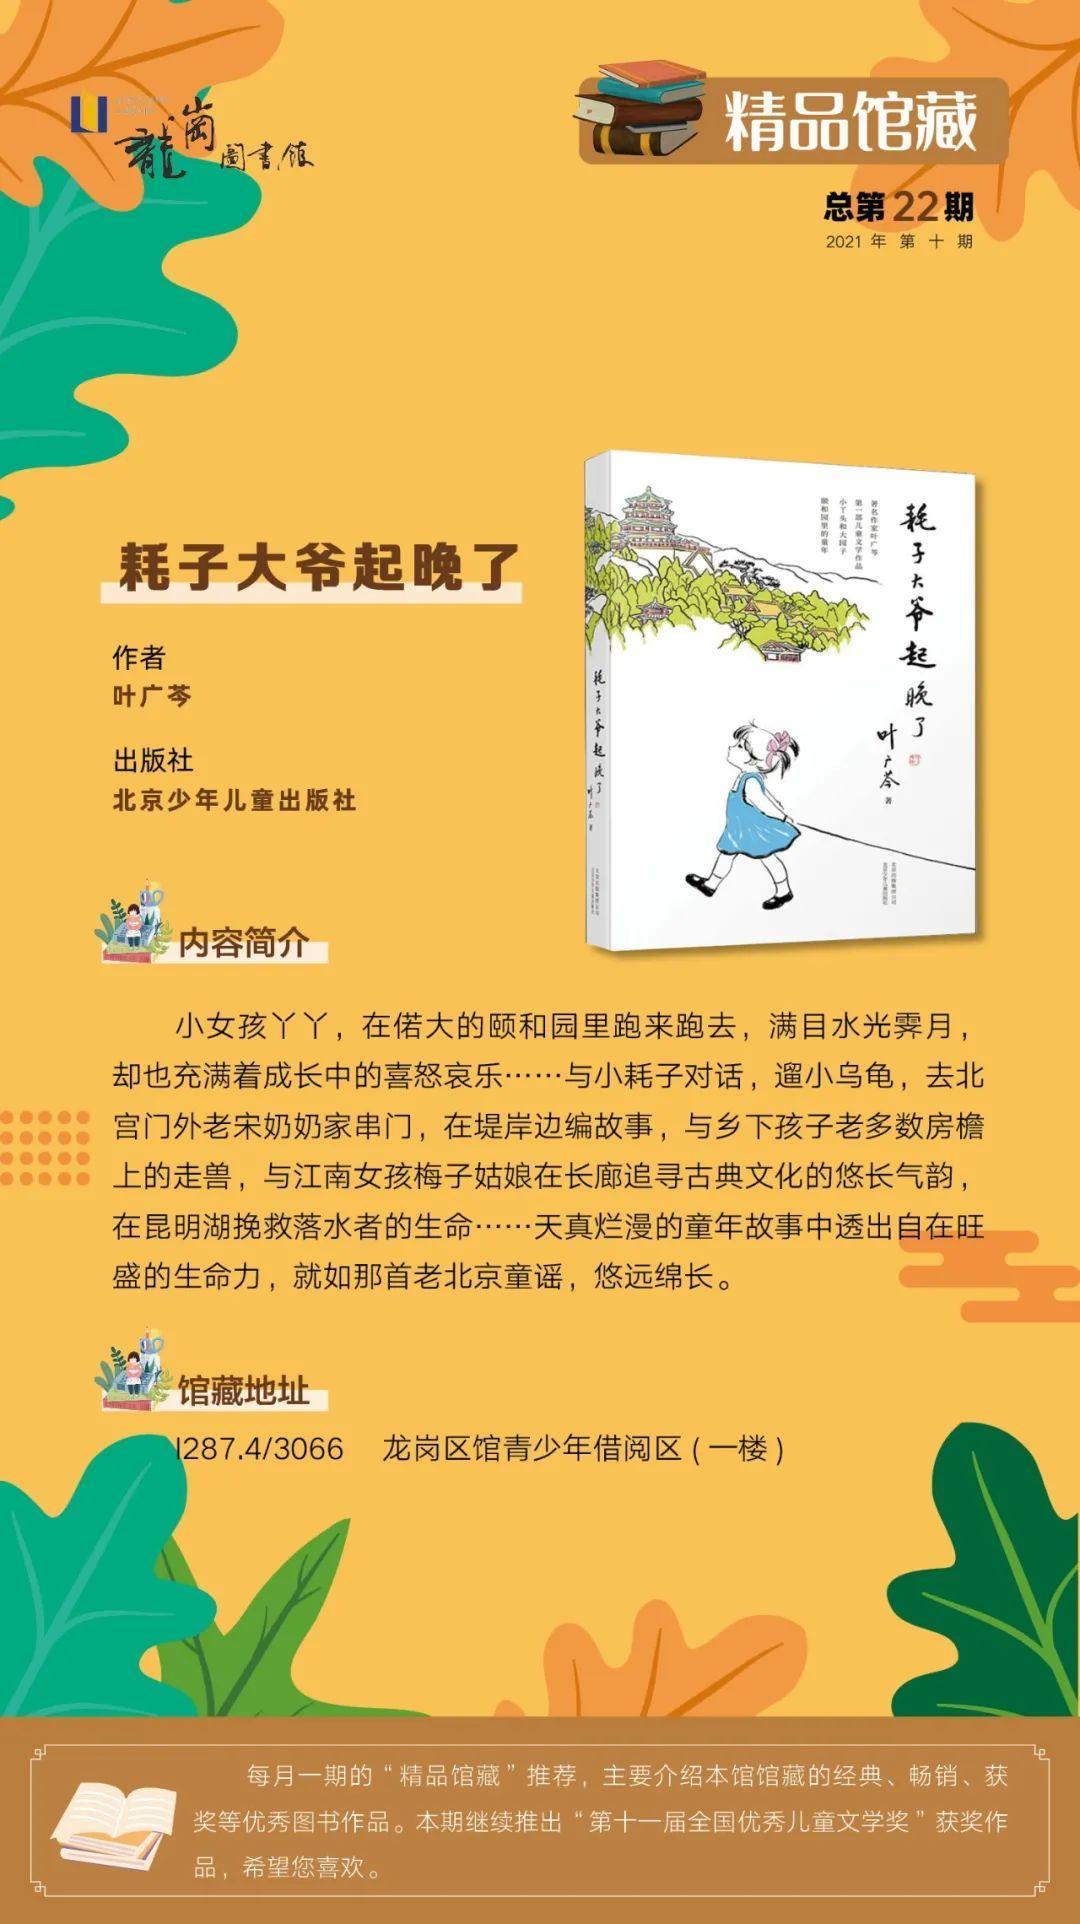 第十一届全国优秀儿童文学获奖作品